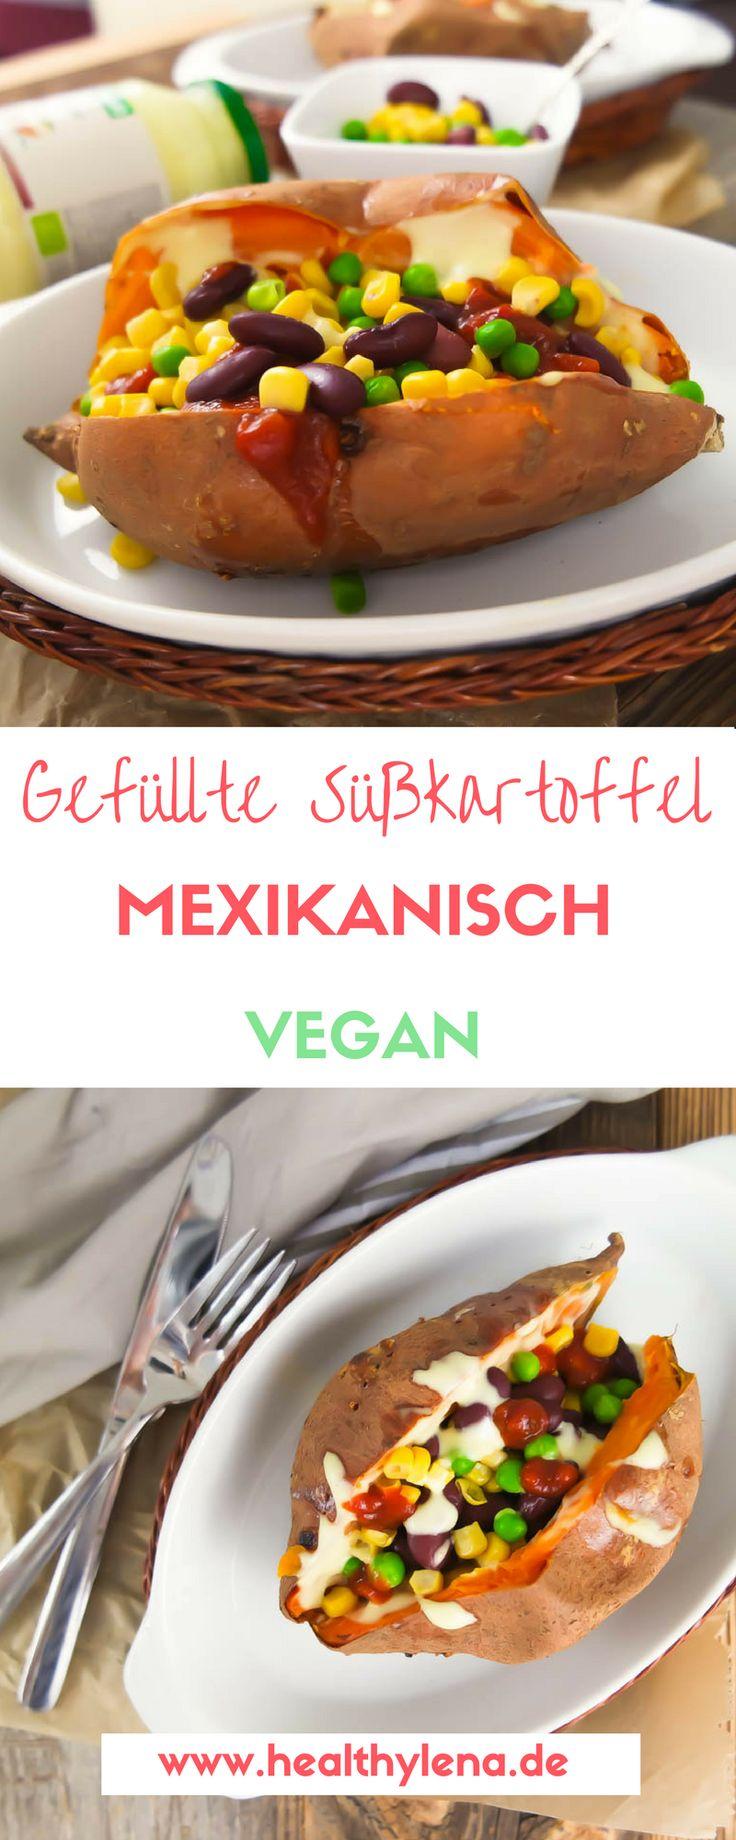 Mexikanisch gefüllte Süßkartoffel - das Streetfood Rezept: vegan, lecker, glutenfrei & einfach. Perfekt zum Grillen oder für das Picknick!